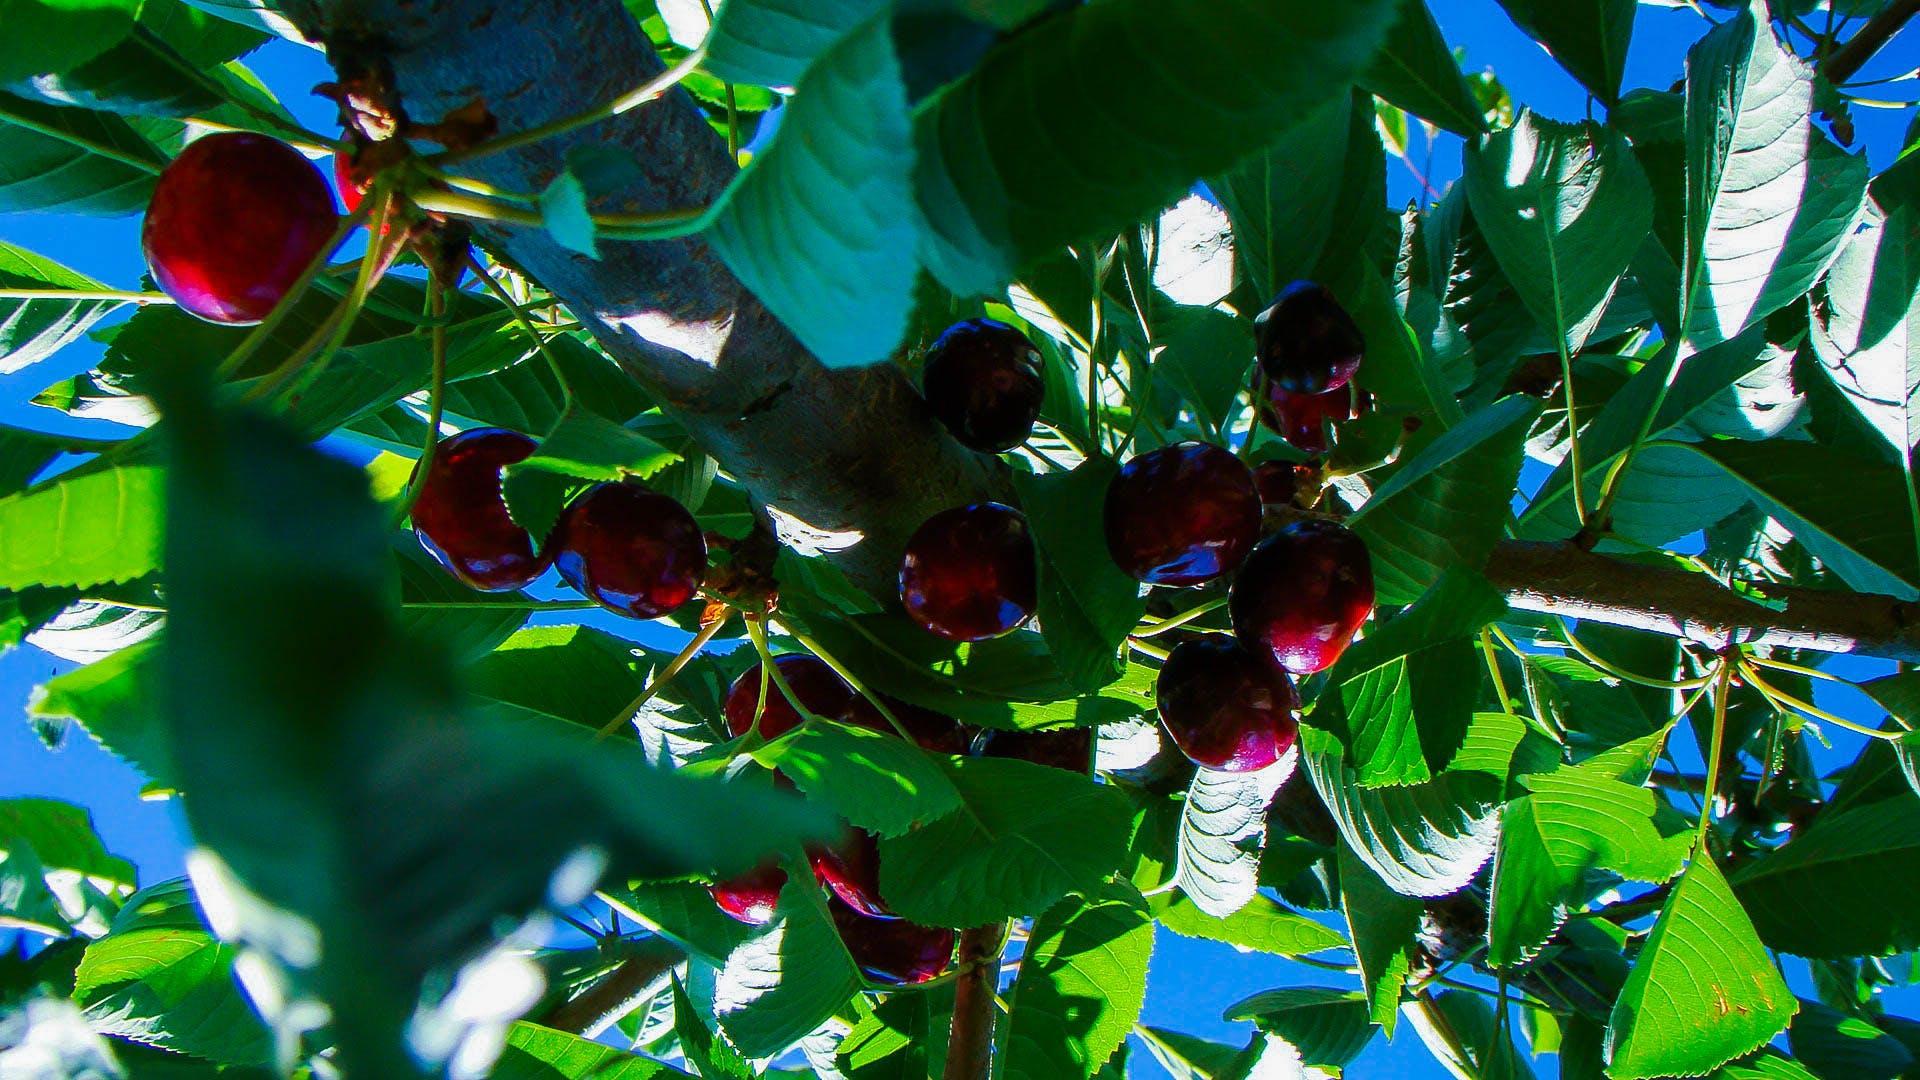 Free stock photo of cherries